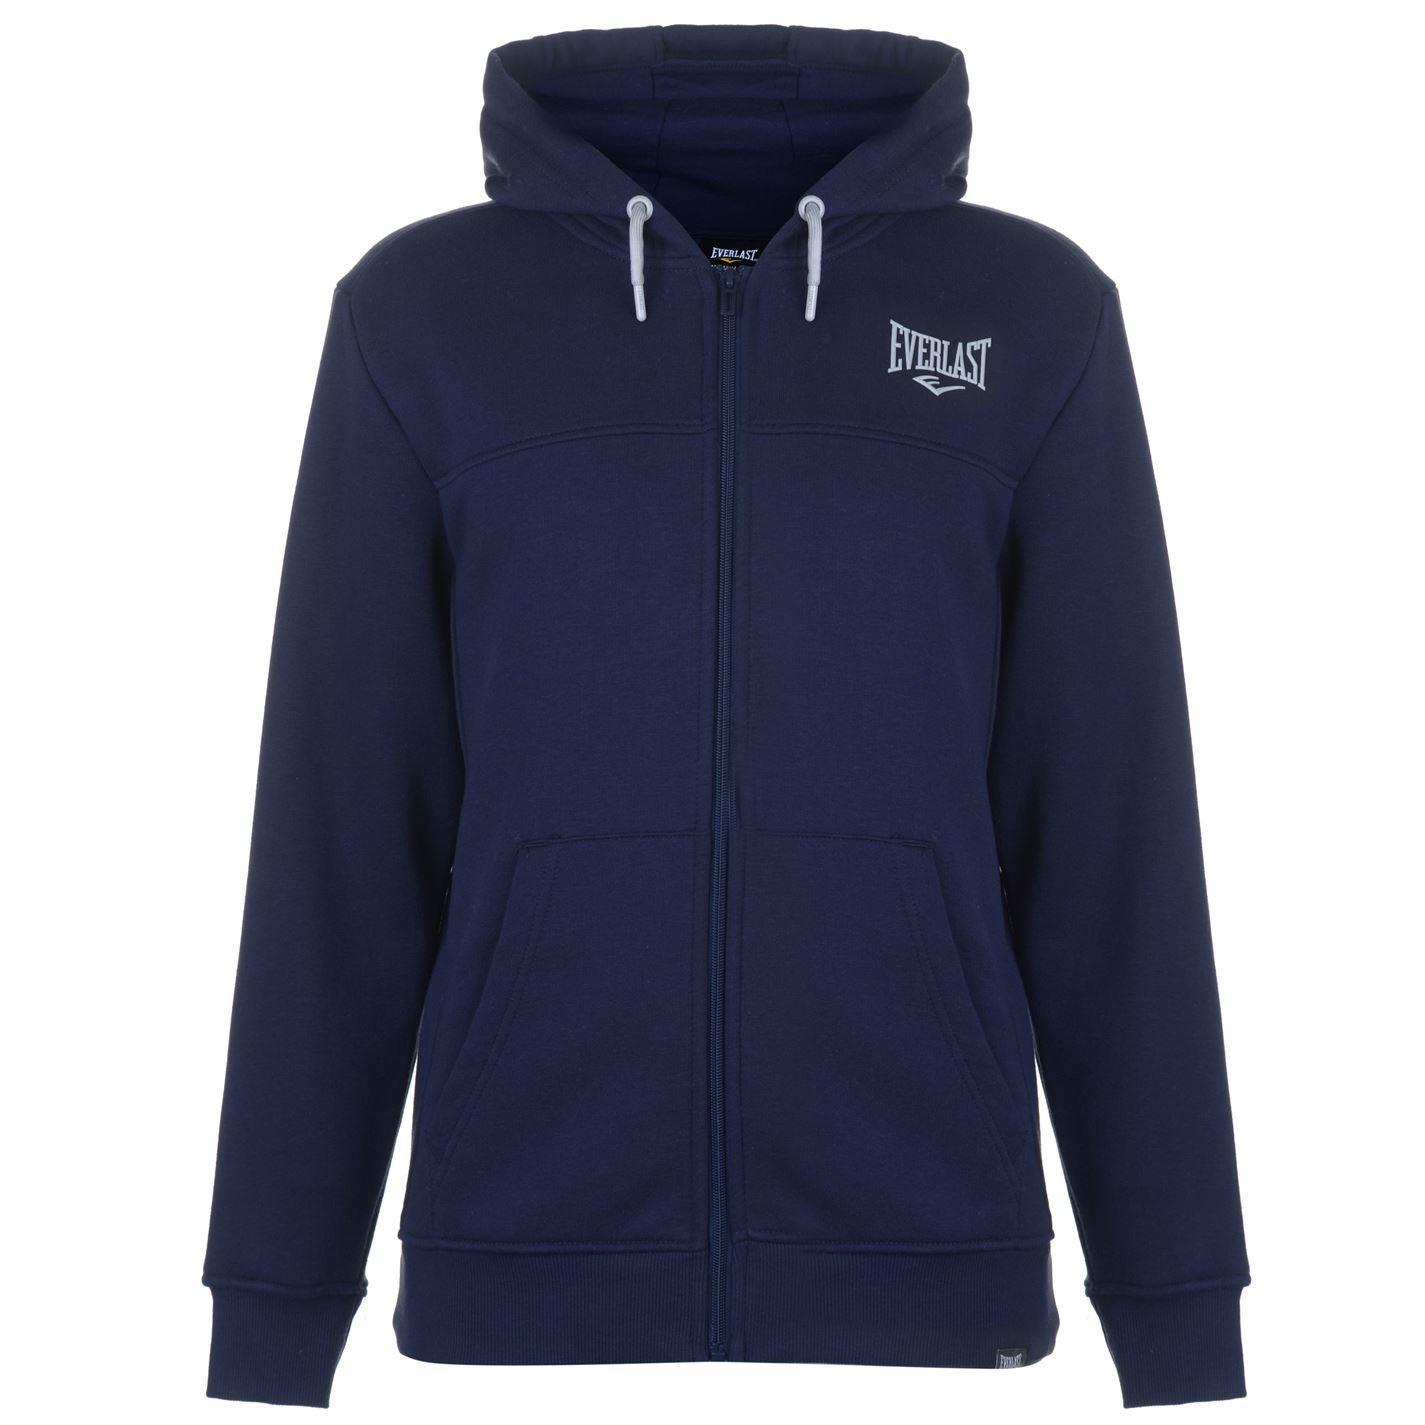 Everlast-Logo-Full-Zip-Hoody-Jacket-Mens-Hoodie-Sweatshirt-Sweater-Hooded-Top thumbnail 15